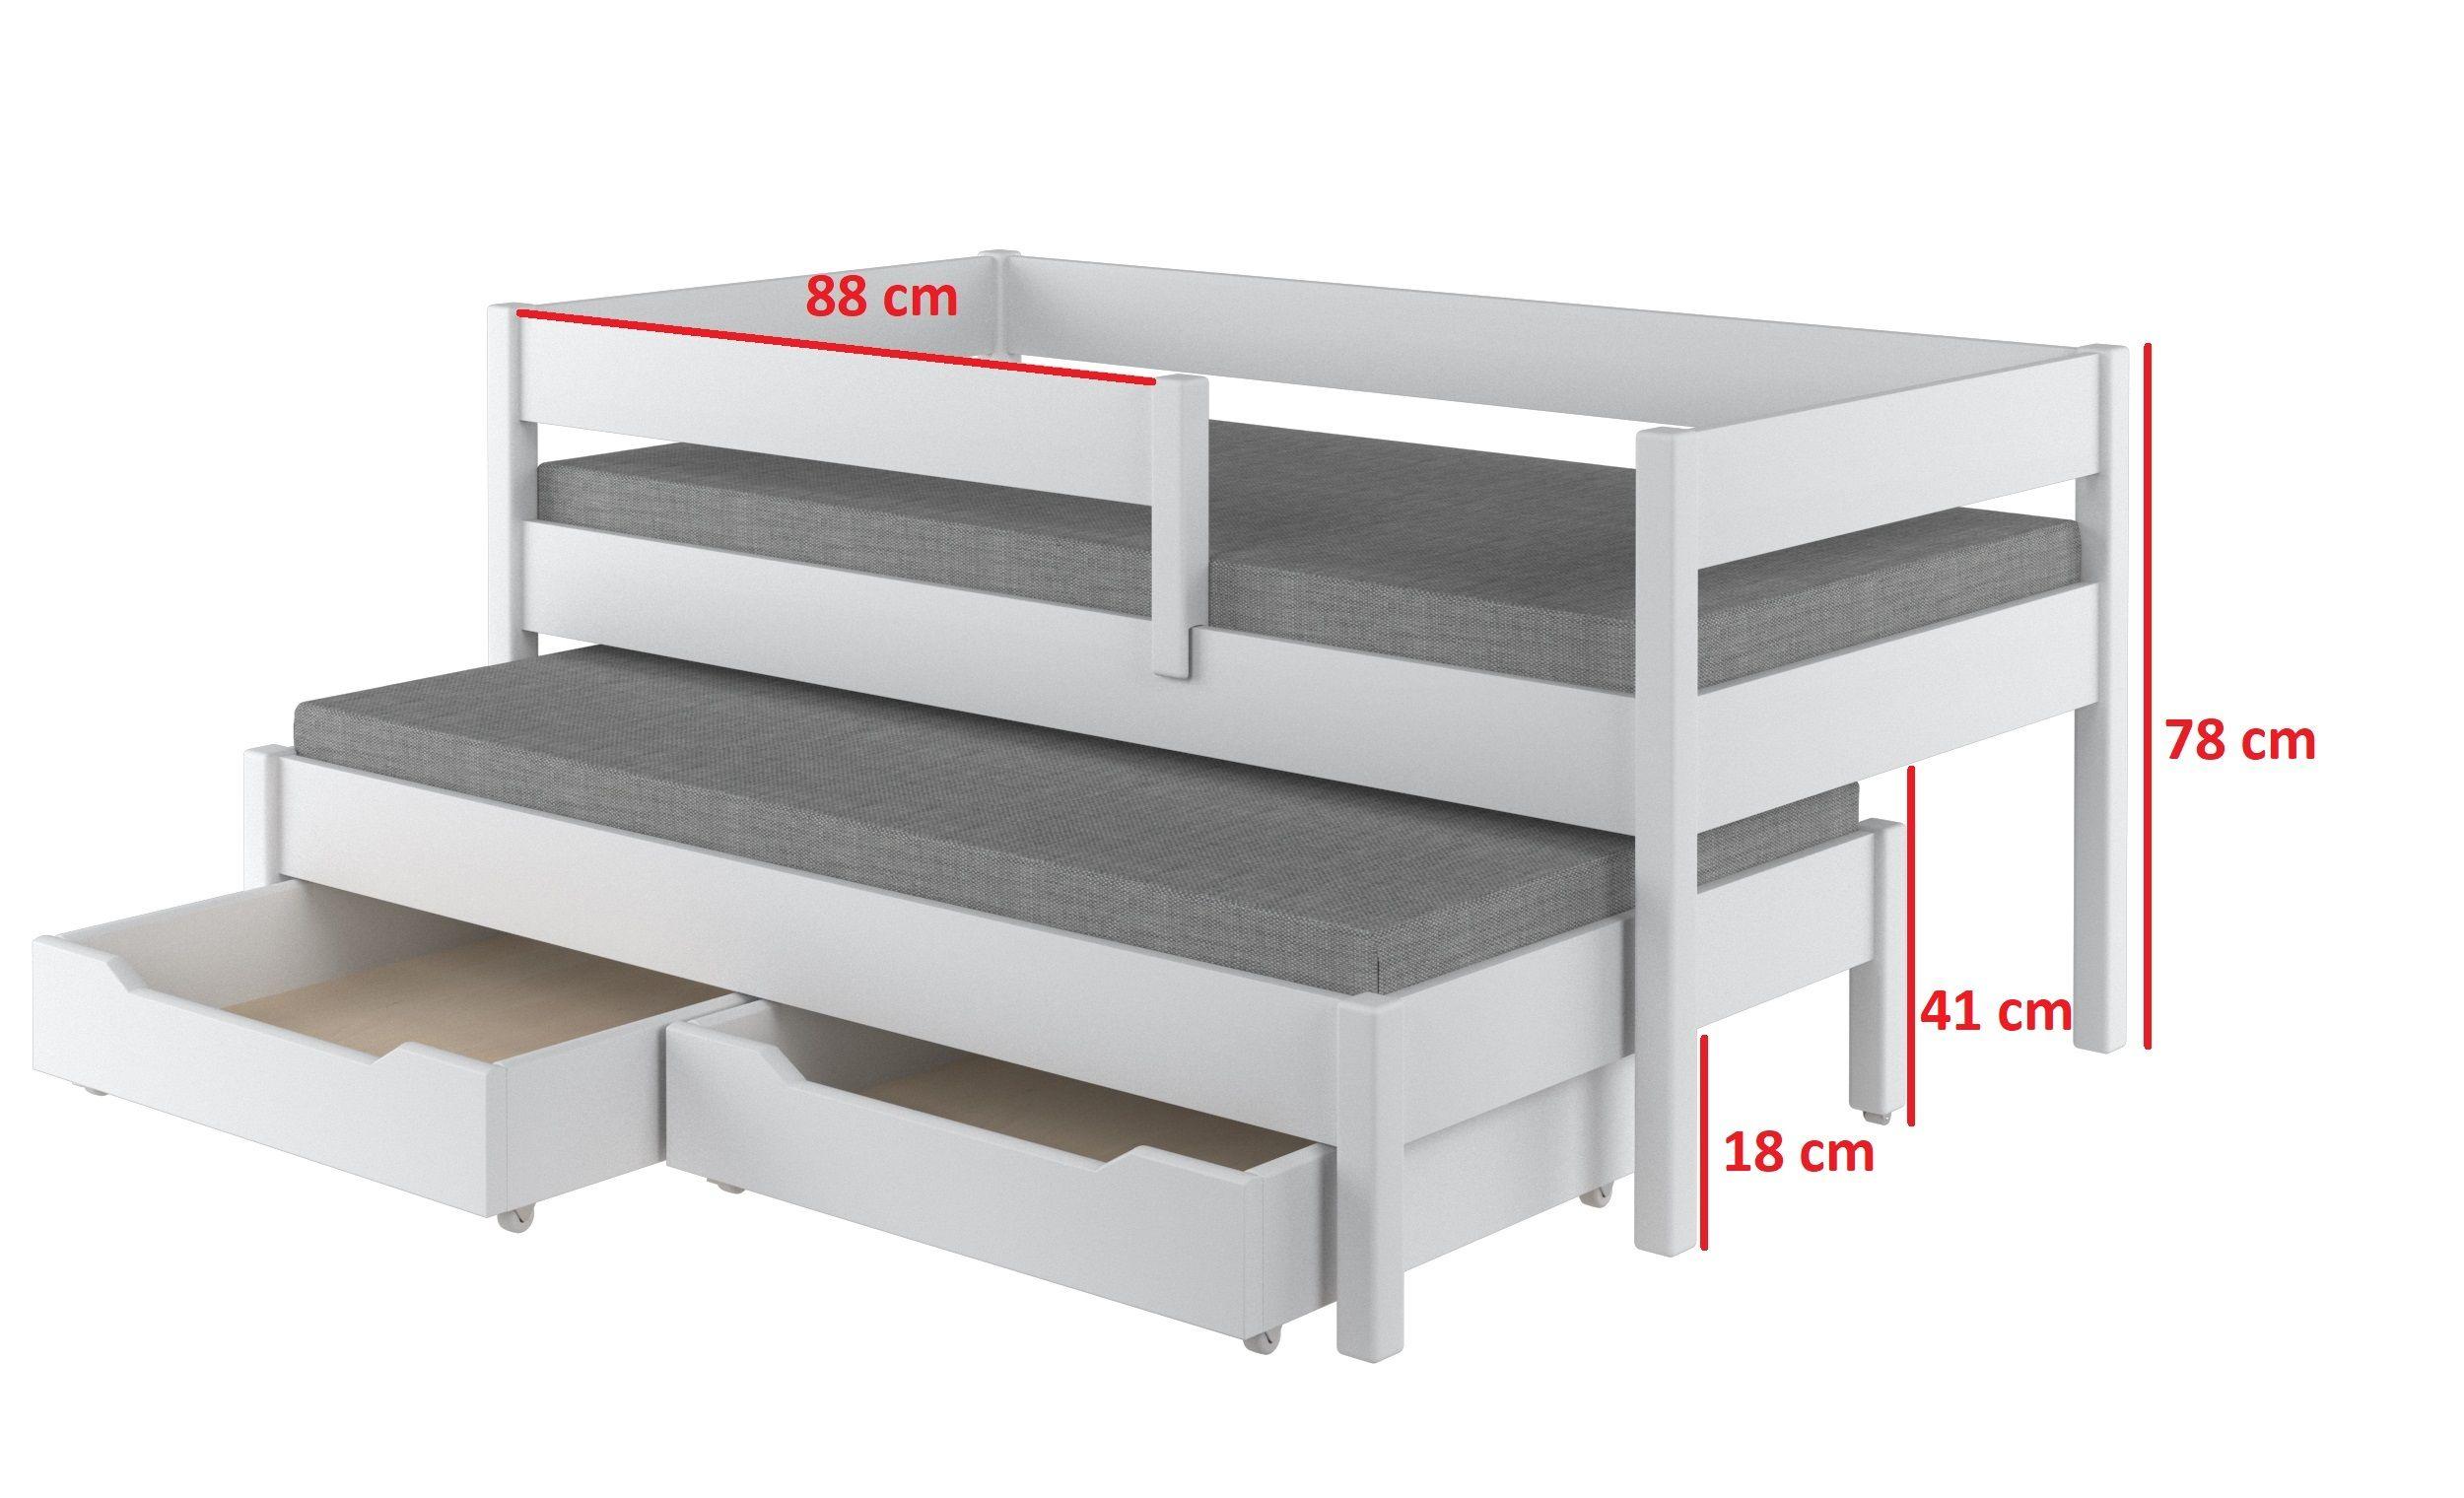 Jula Tandembett Kinder Bett Kinderbett Doppelbetten